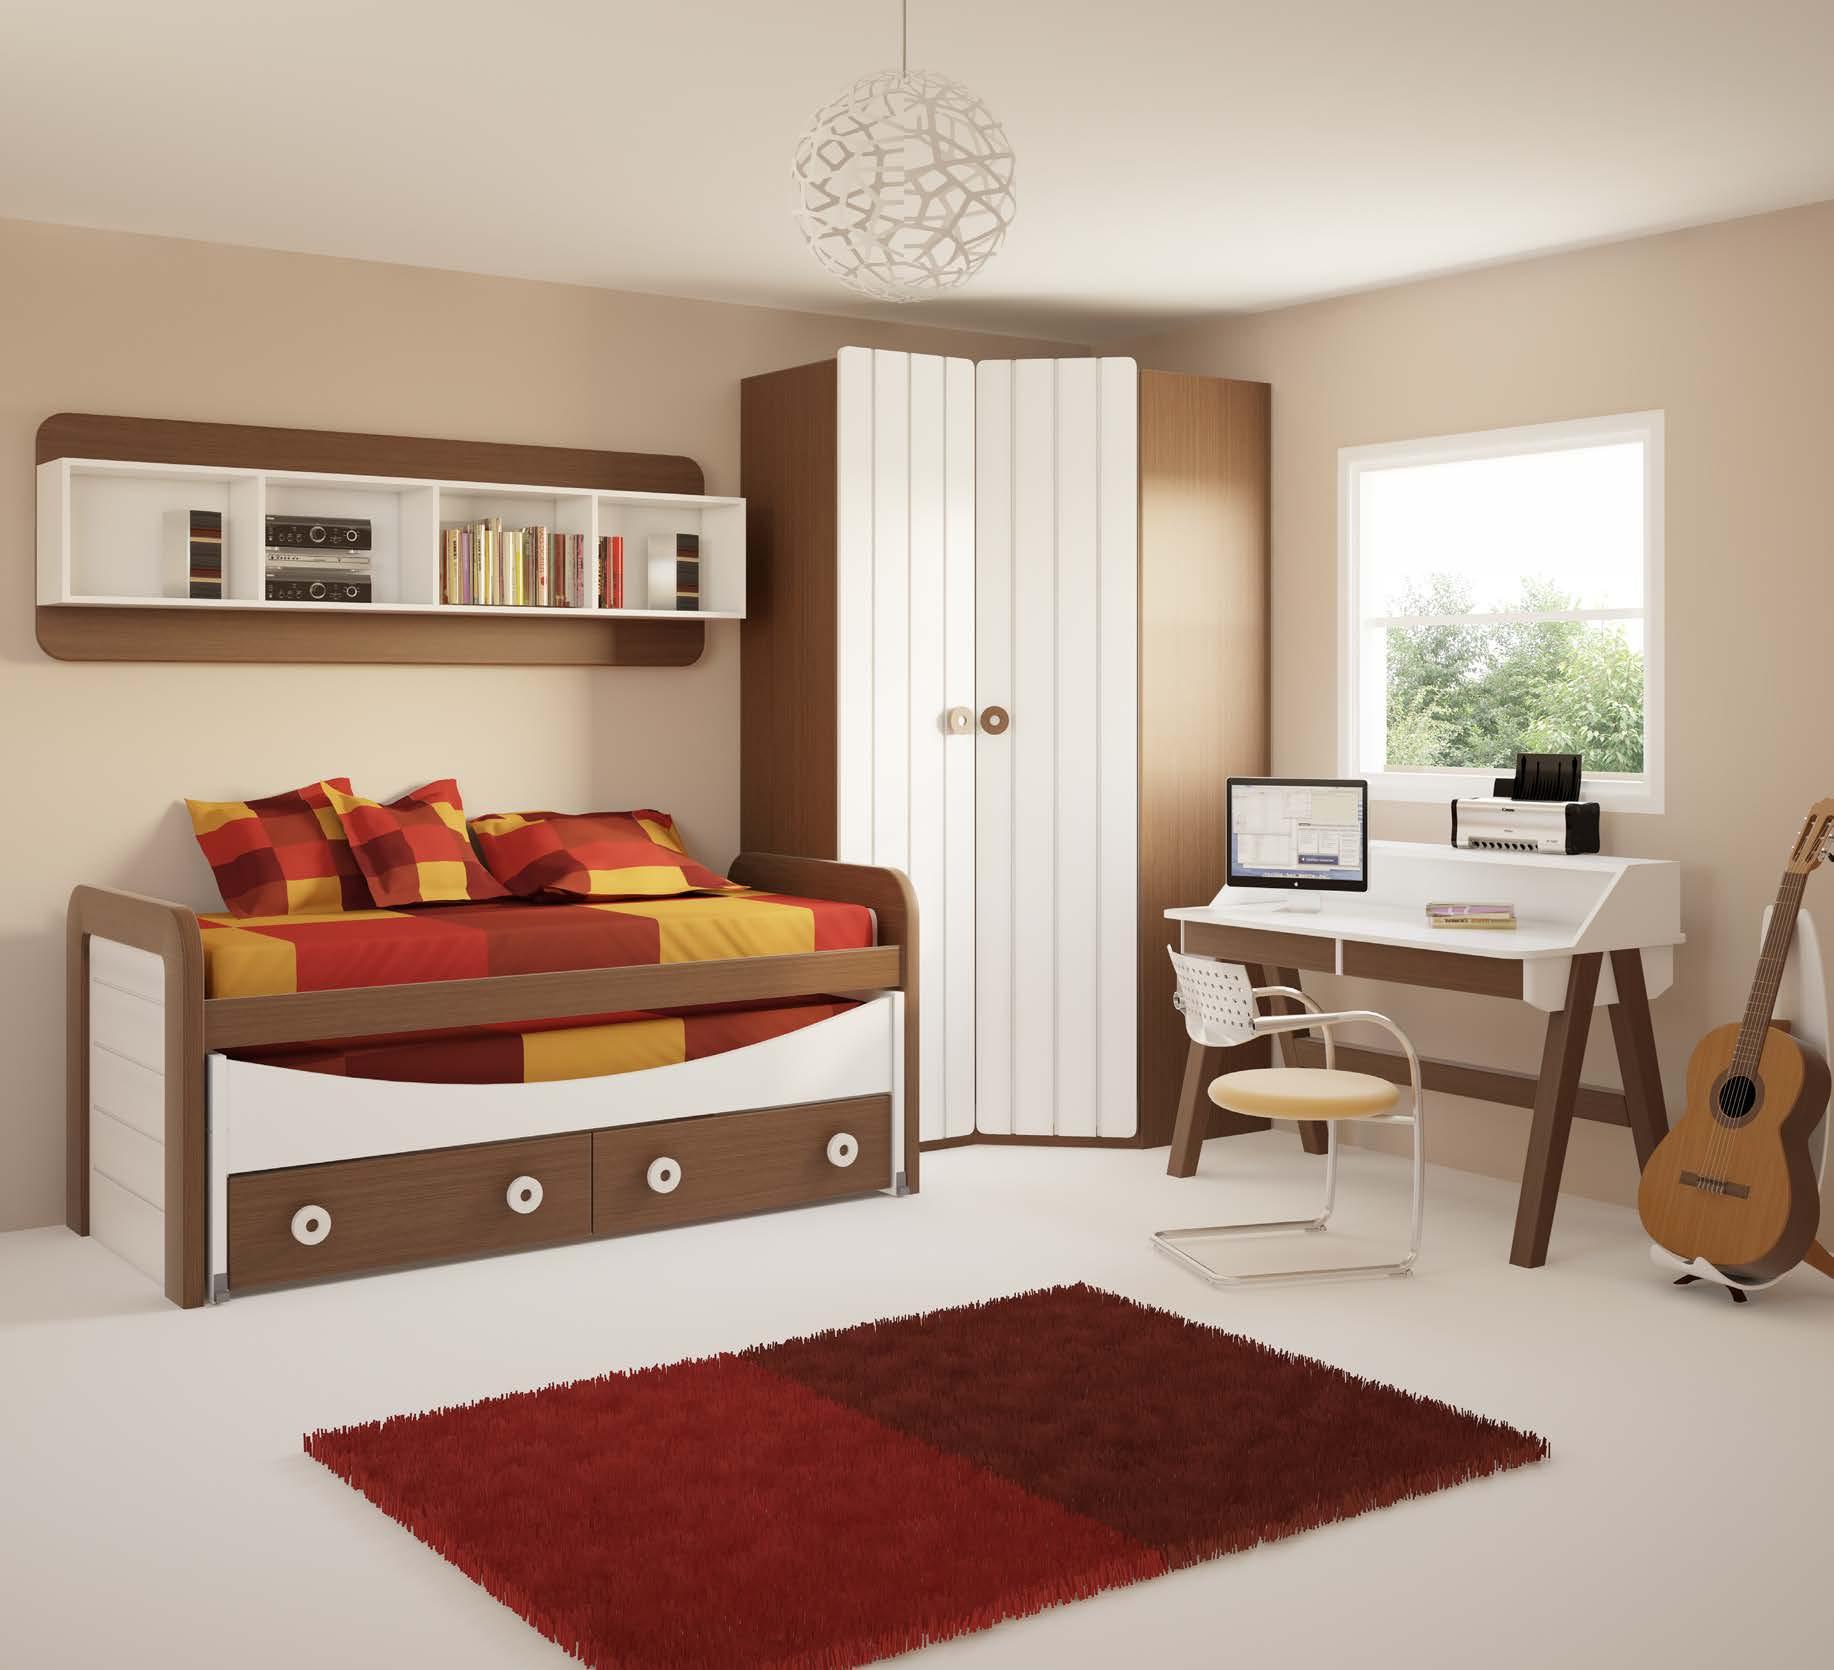 compactos-Happy-muebles-paco-caballero-509-5c9527104fc55